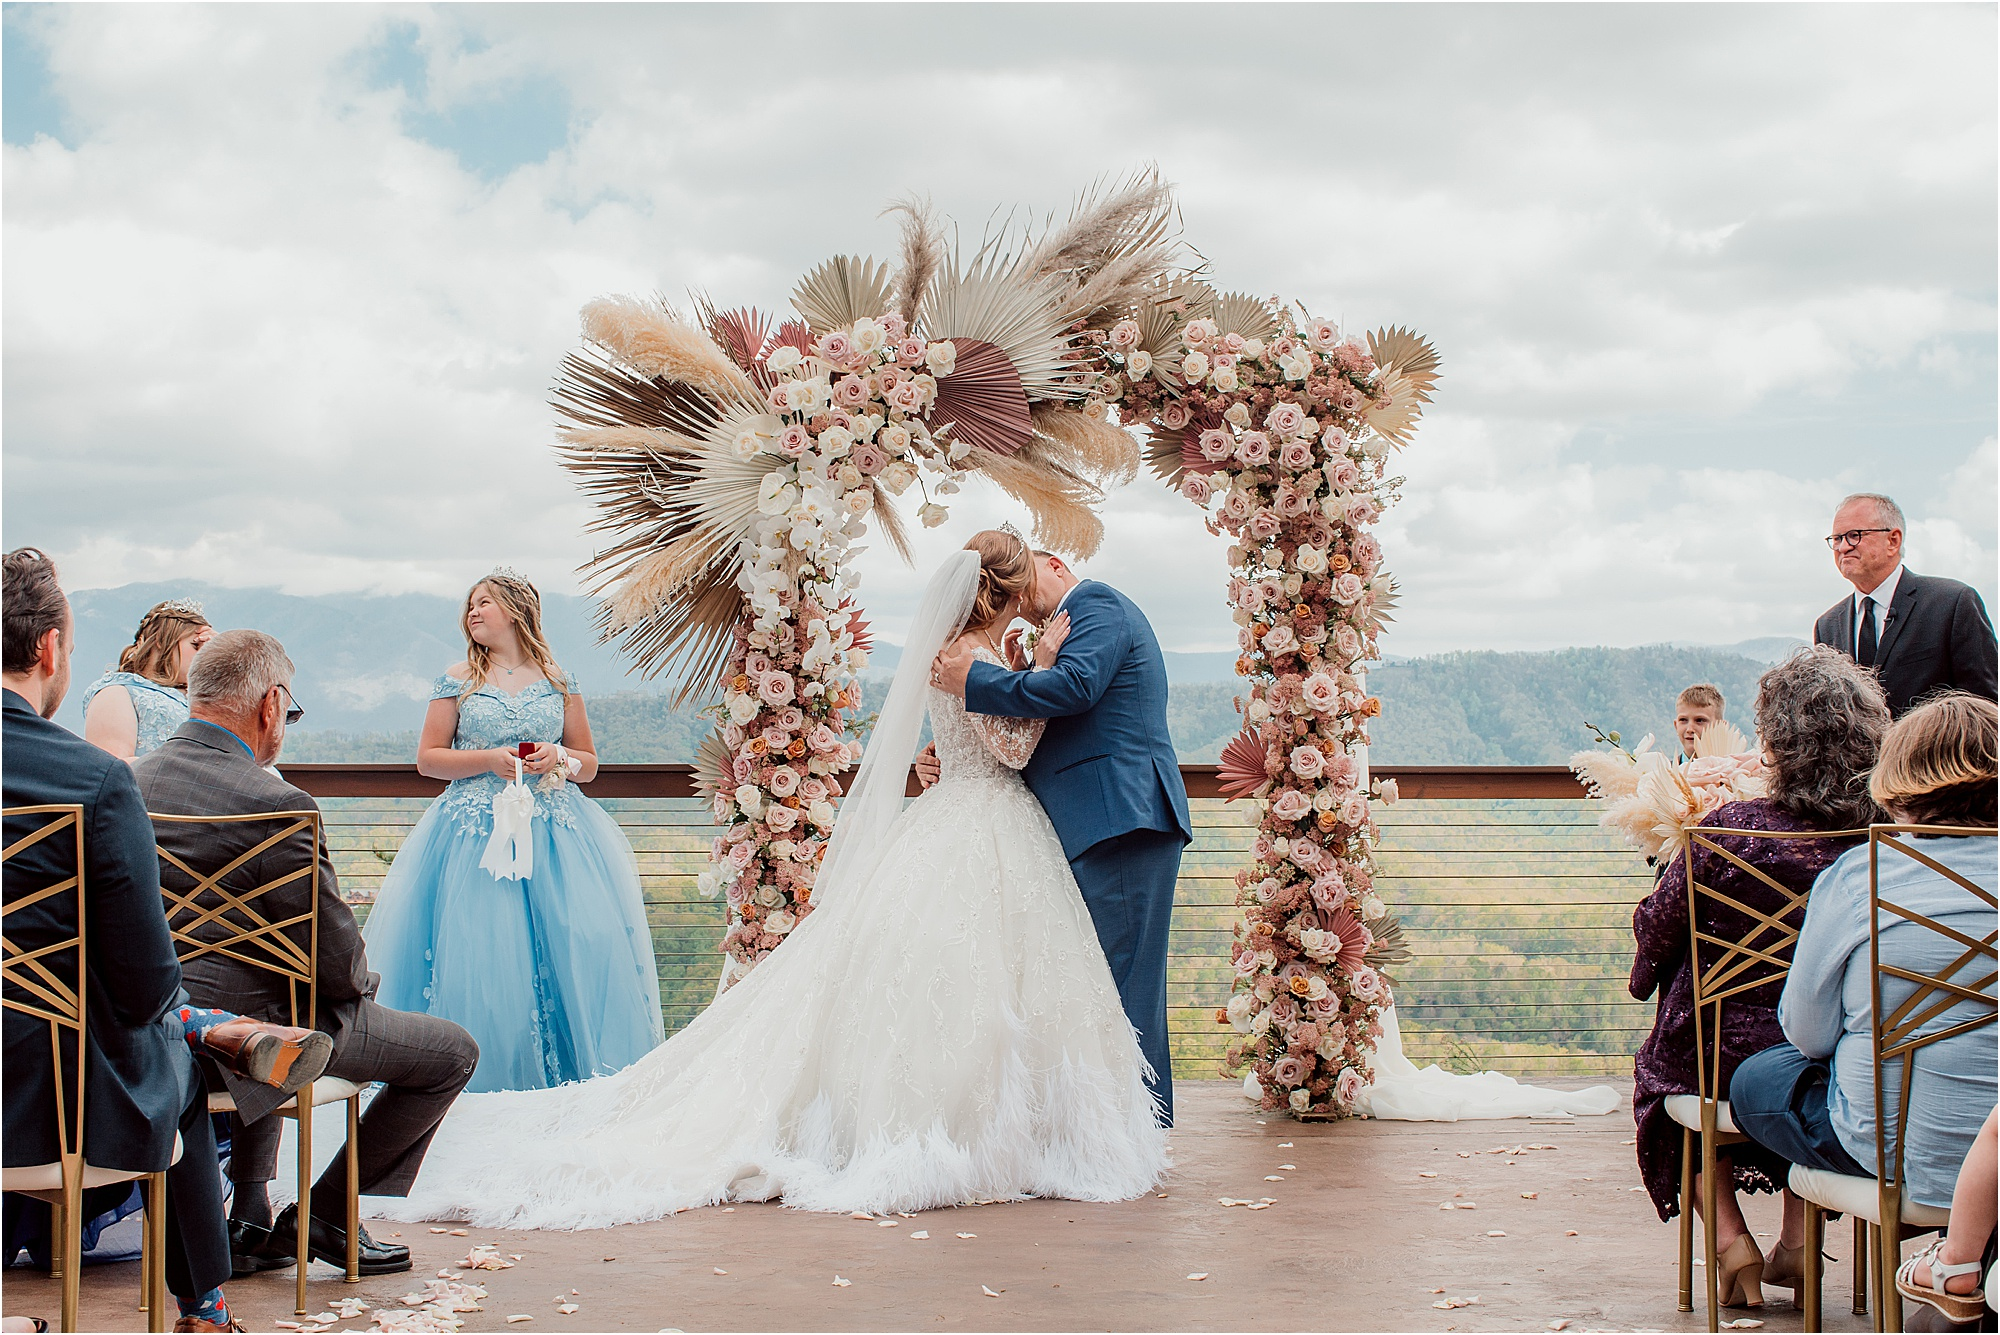 Fairytale Wedding with Magical Floral Arbor